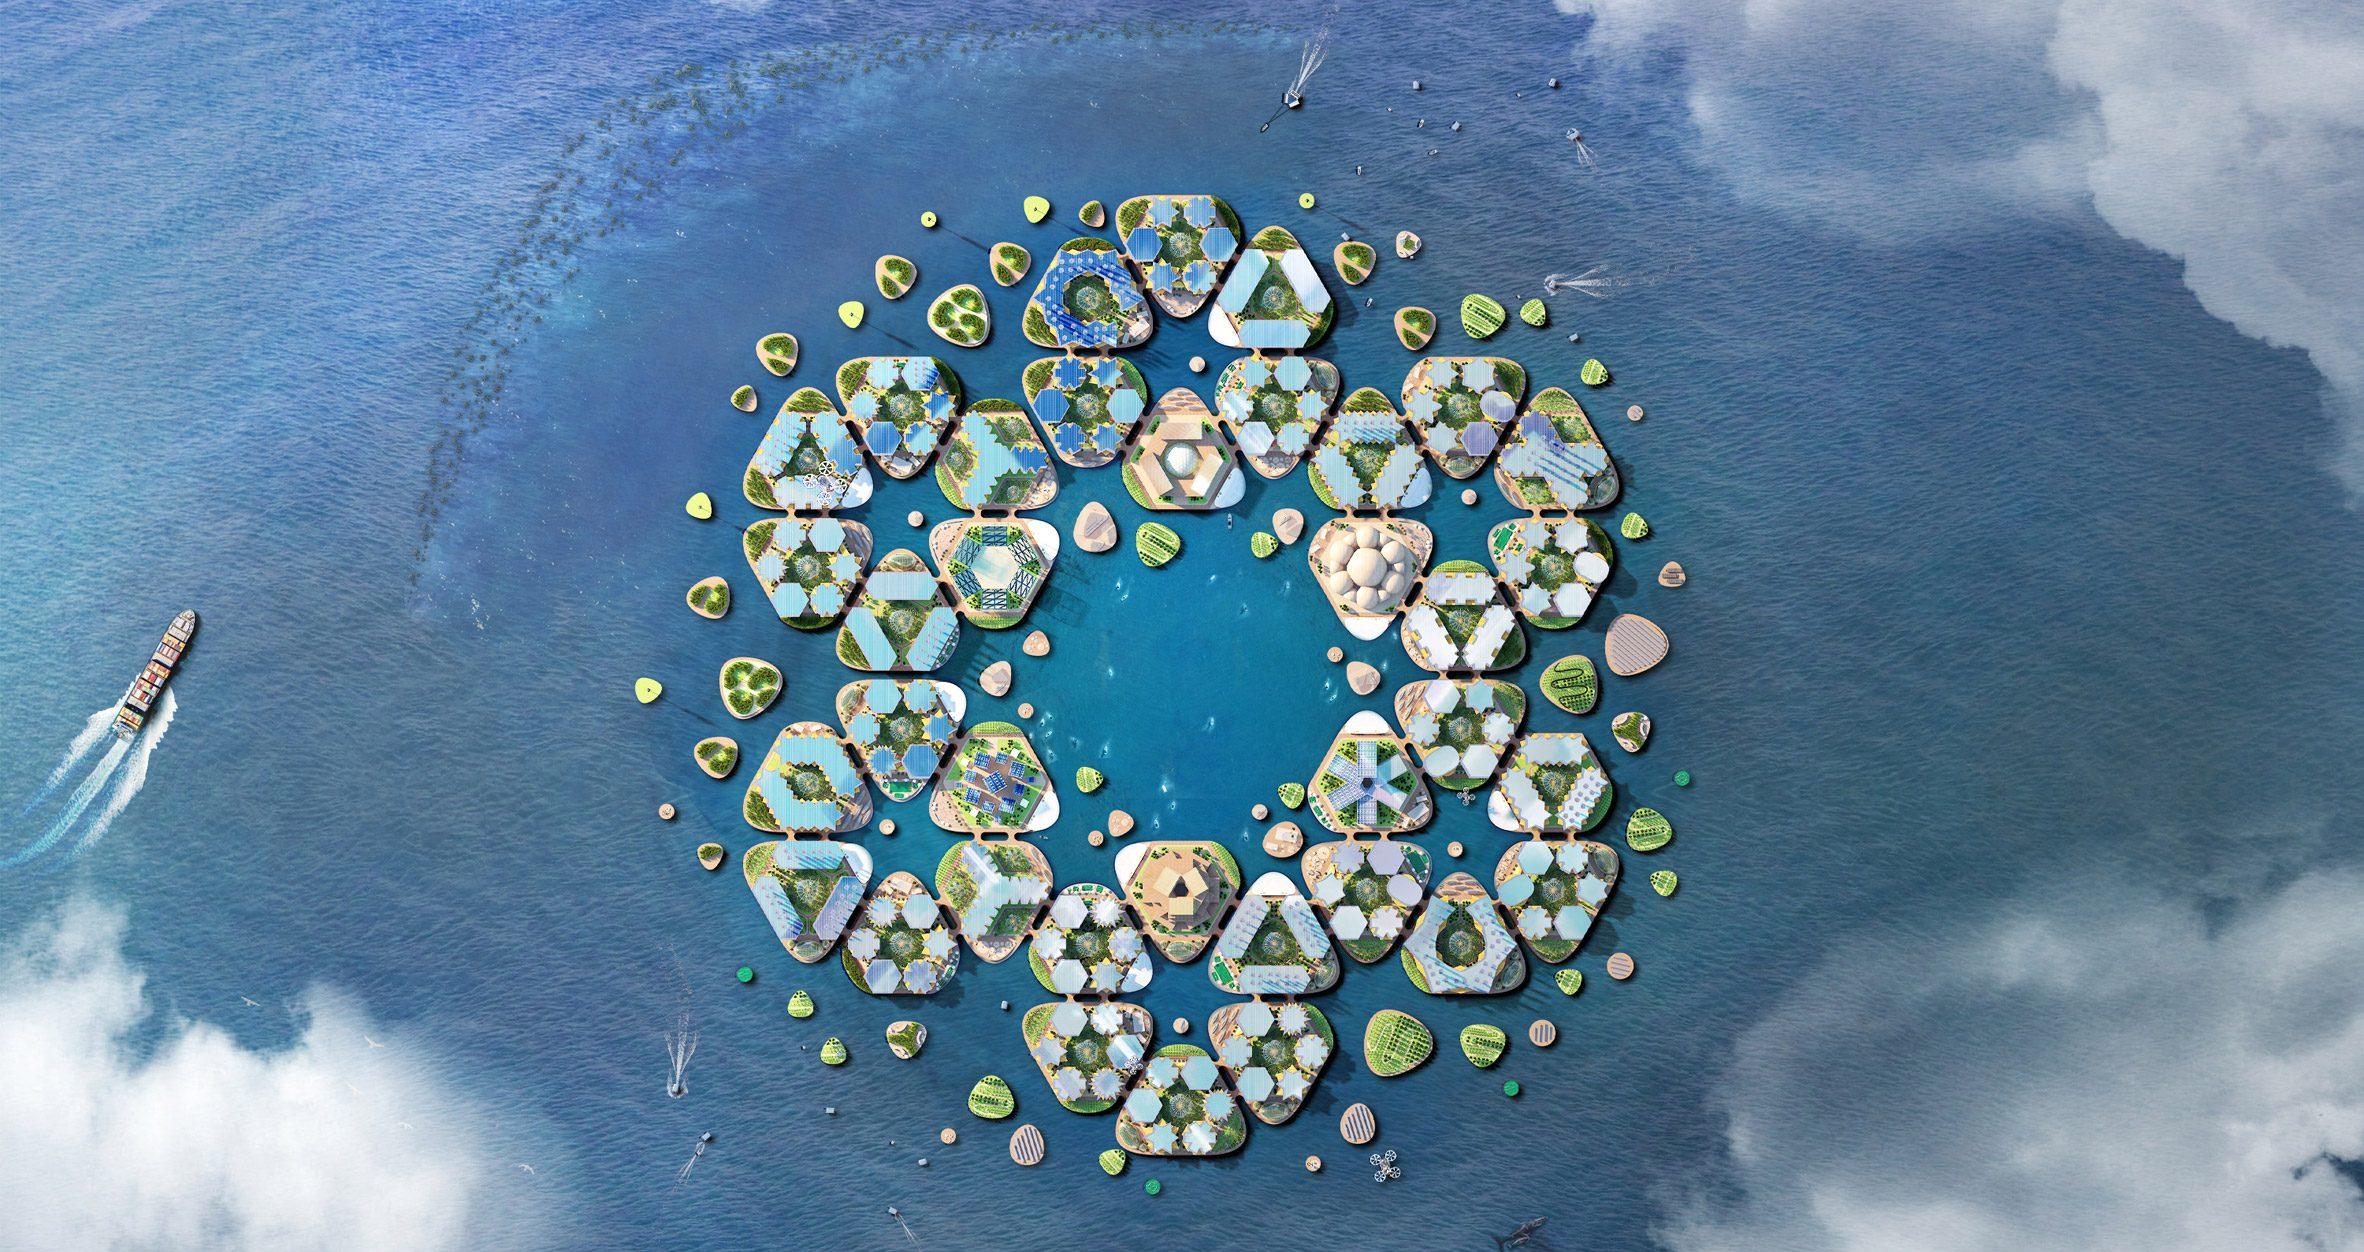 oceanix-city-floating-big-un-habitat-mit_dezeen_2364_col_11-e1554406082431